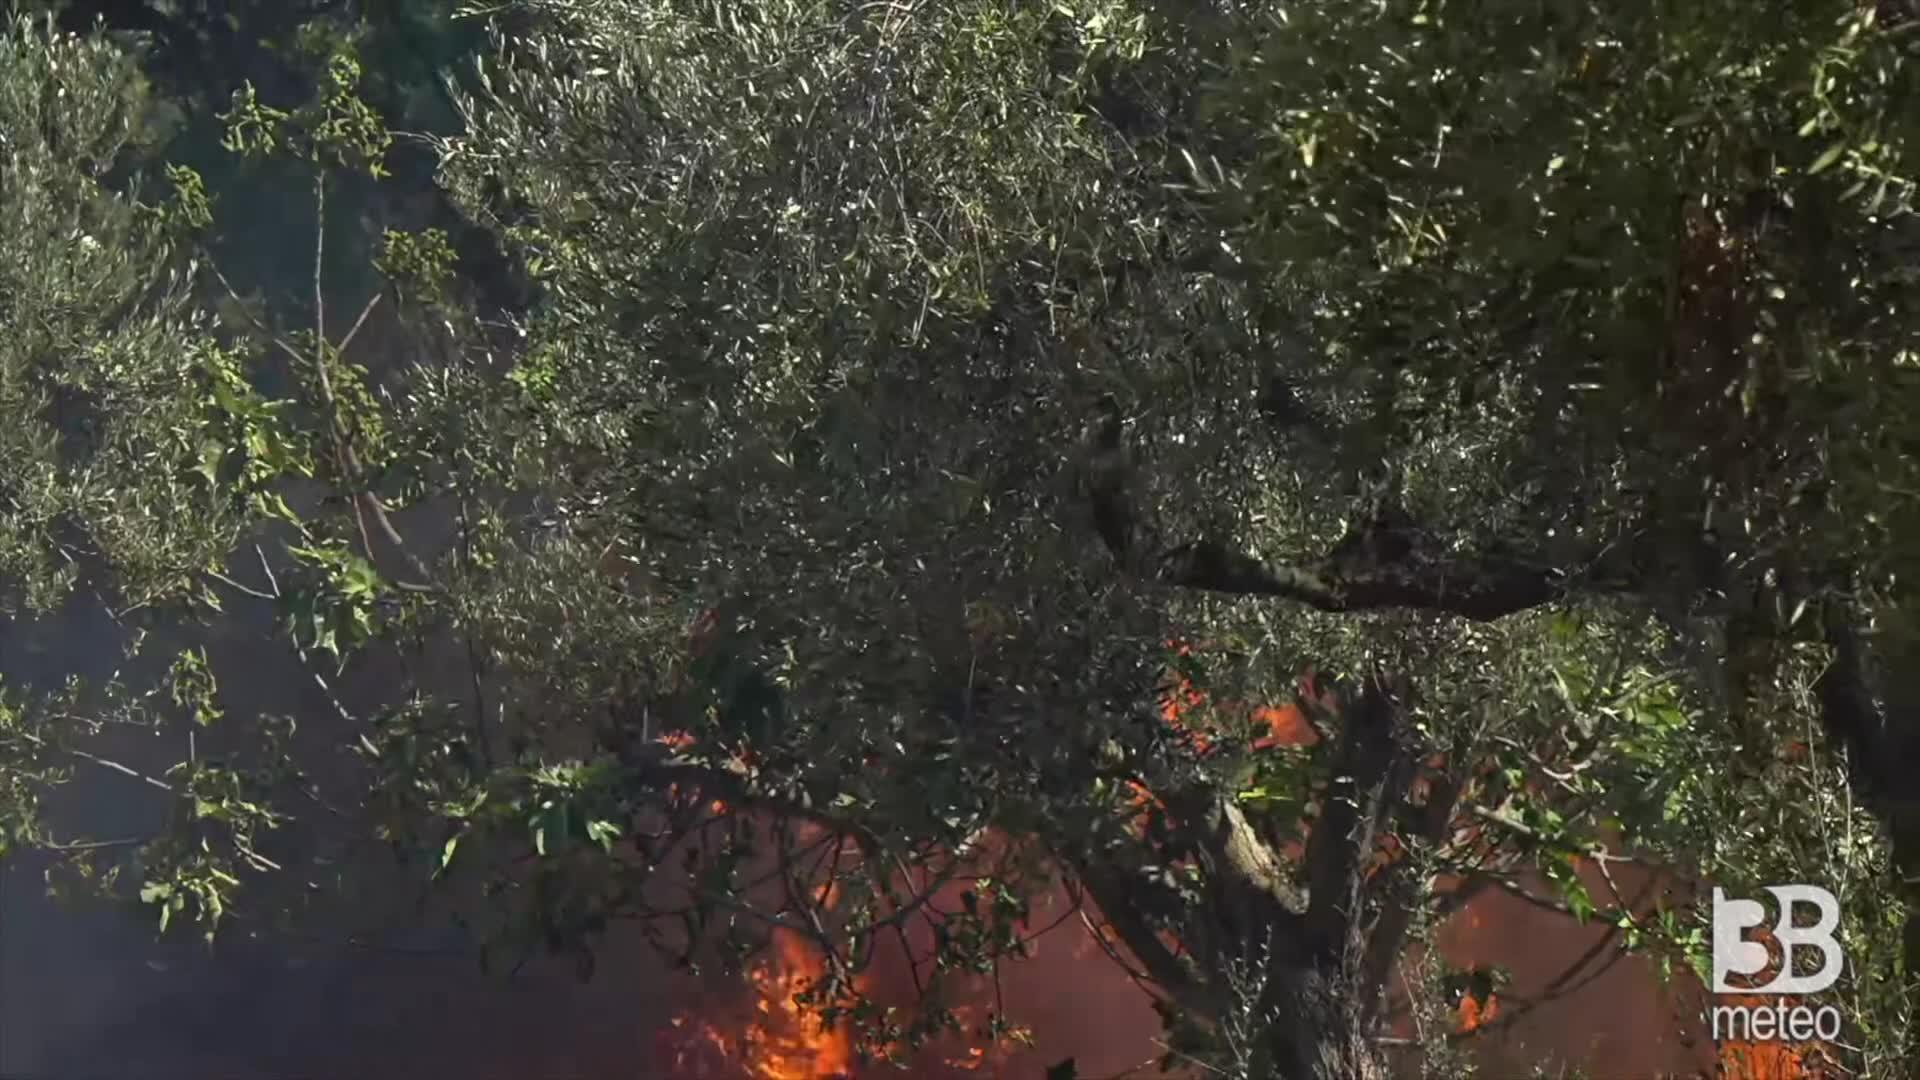 Immagine 1:Cronaca diretta INCENDI - Abruzzo, non si fermano i roghi: focolai ancora da spegnere. Video